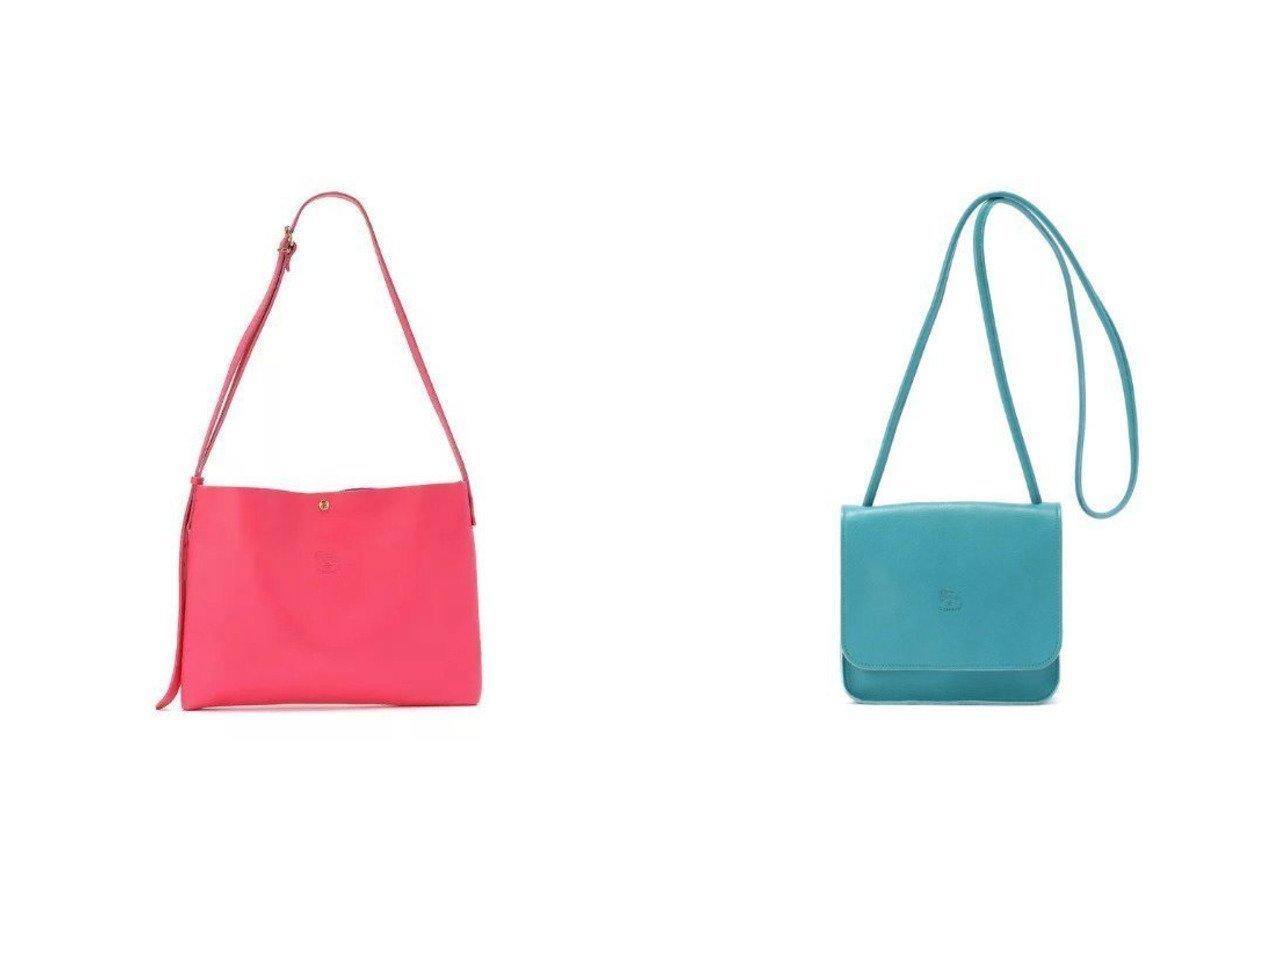 【IL BISONTE/イル ビゾンテ】のショルダーバッグ&ショルダーバッグ 【バッグ・鞄】おすすめ!人気、トレンド・レディースファッションの通販 おすすめで人気の流行・トレンド、ファッションの通販商品 インテリア・家具・メンズファッション・キッズファッション・レディースファッション・服の通販 founy(ファニー) https://founy.com/ ファッション Fashion レディースファッション WOMEN バッグ Bag ショルダー スクエア スタイリッシュ スリム フォルム フラップ マグネット モチーフ |ID:crp329100000067739